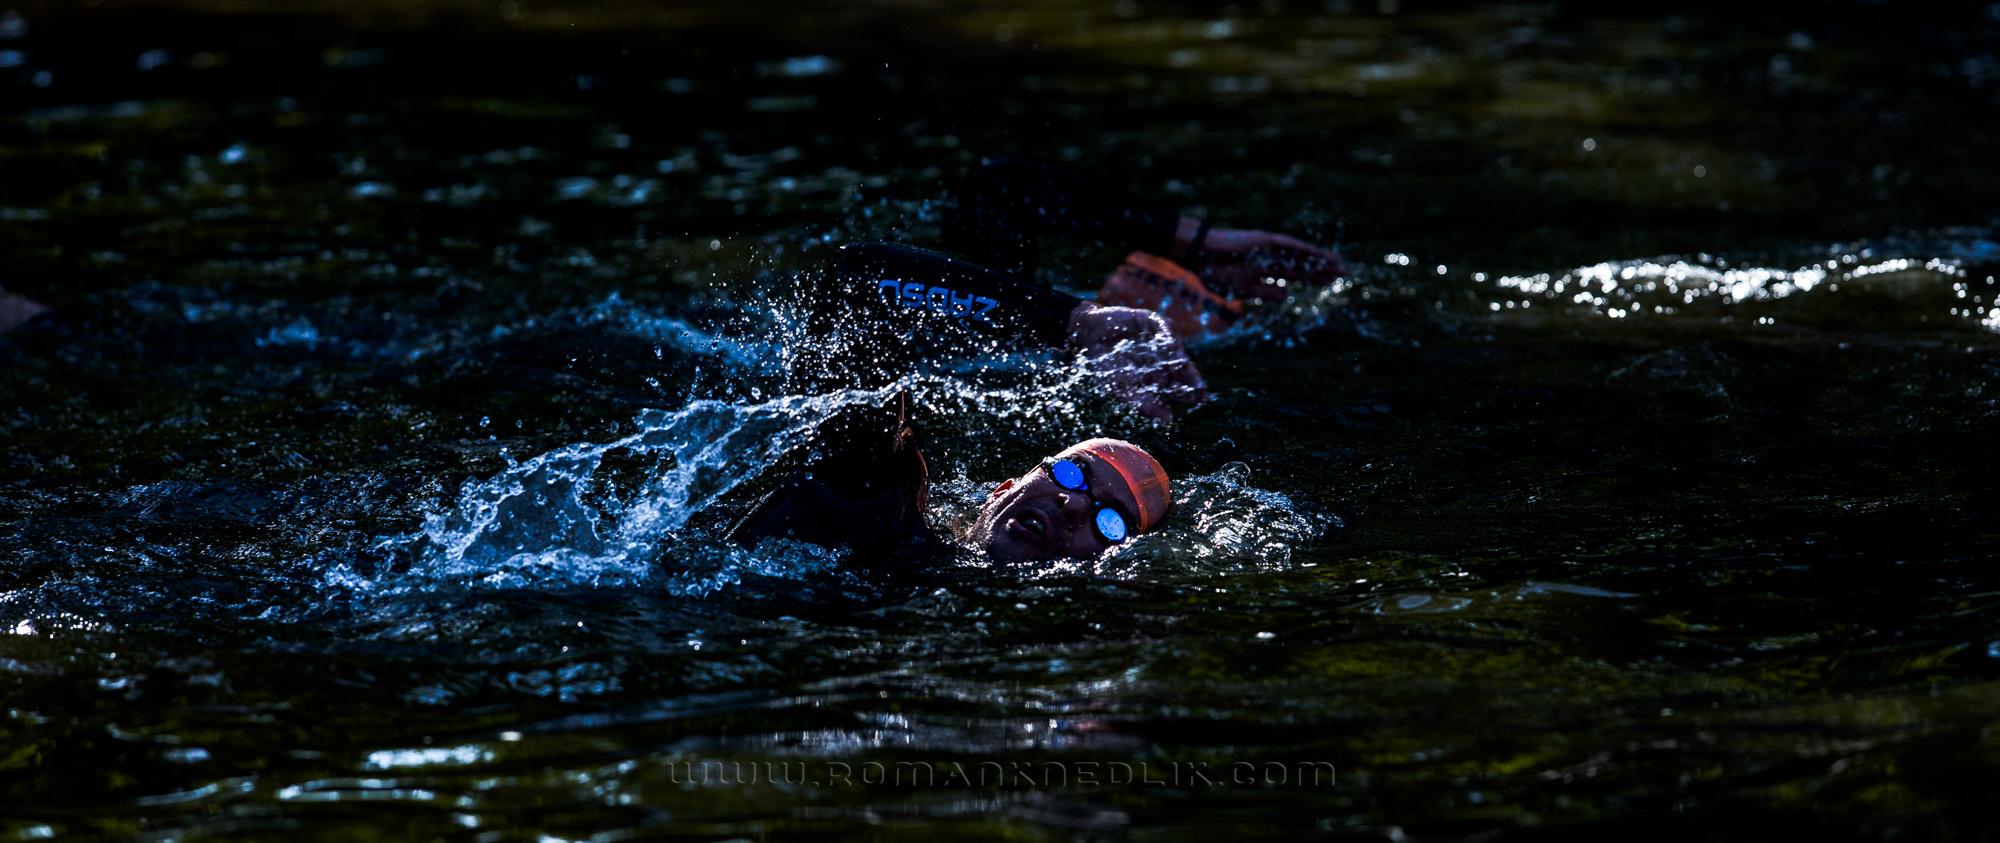 Ford_challenge_Prague_Triathlon_2017-3